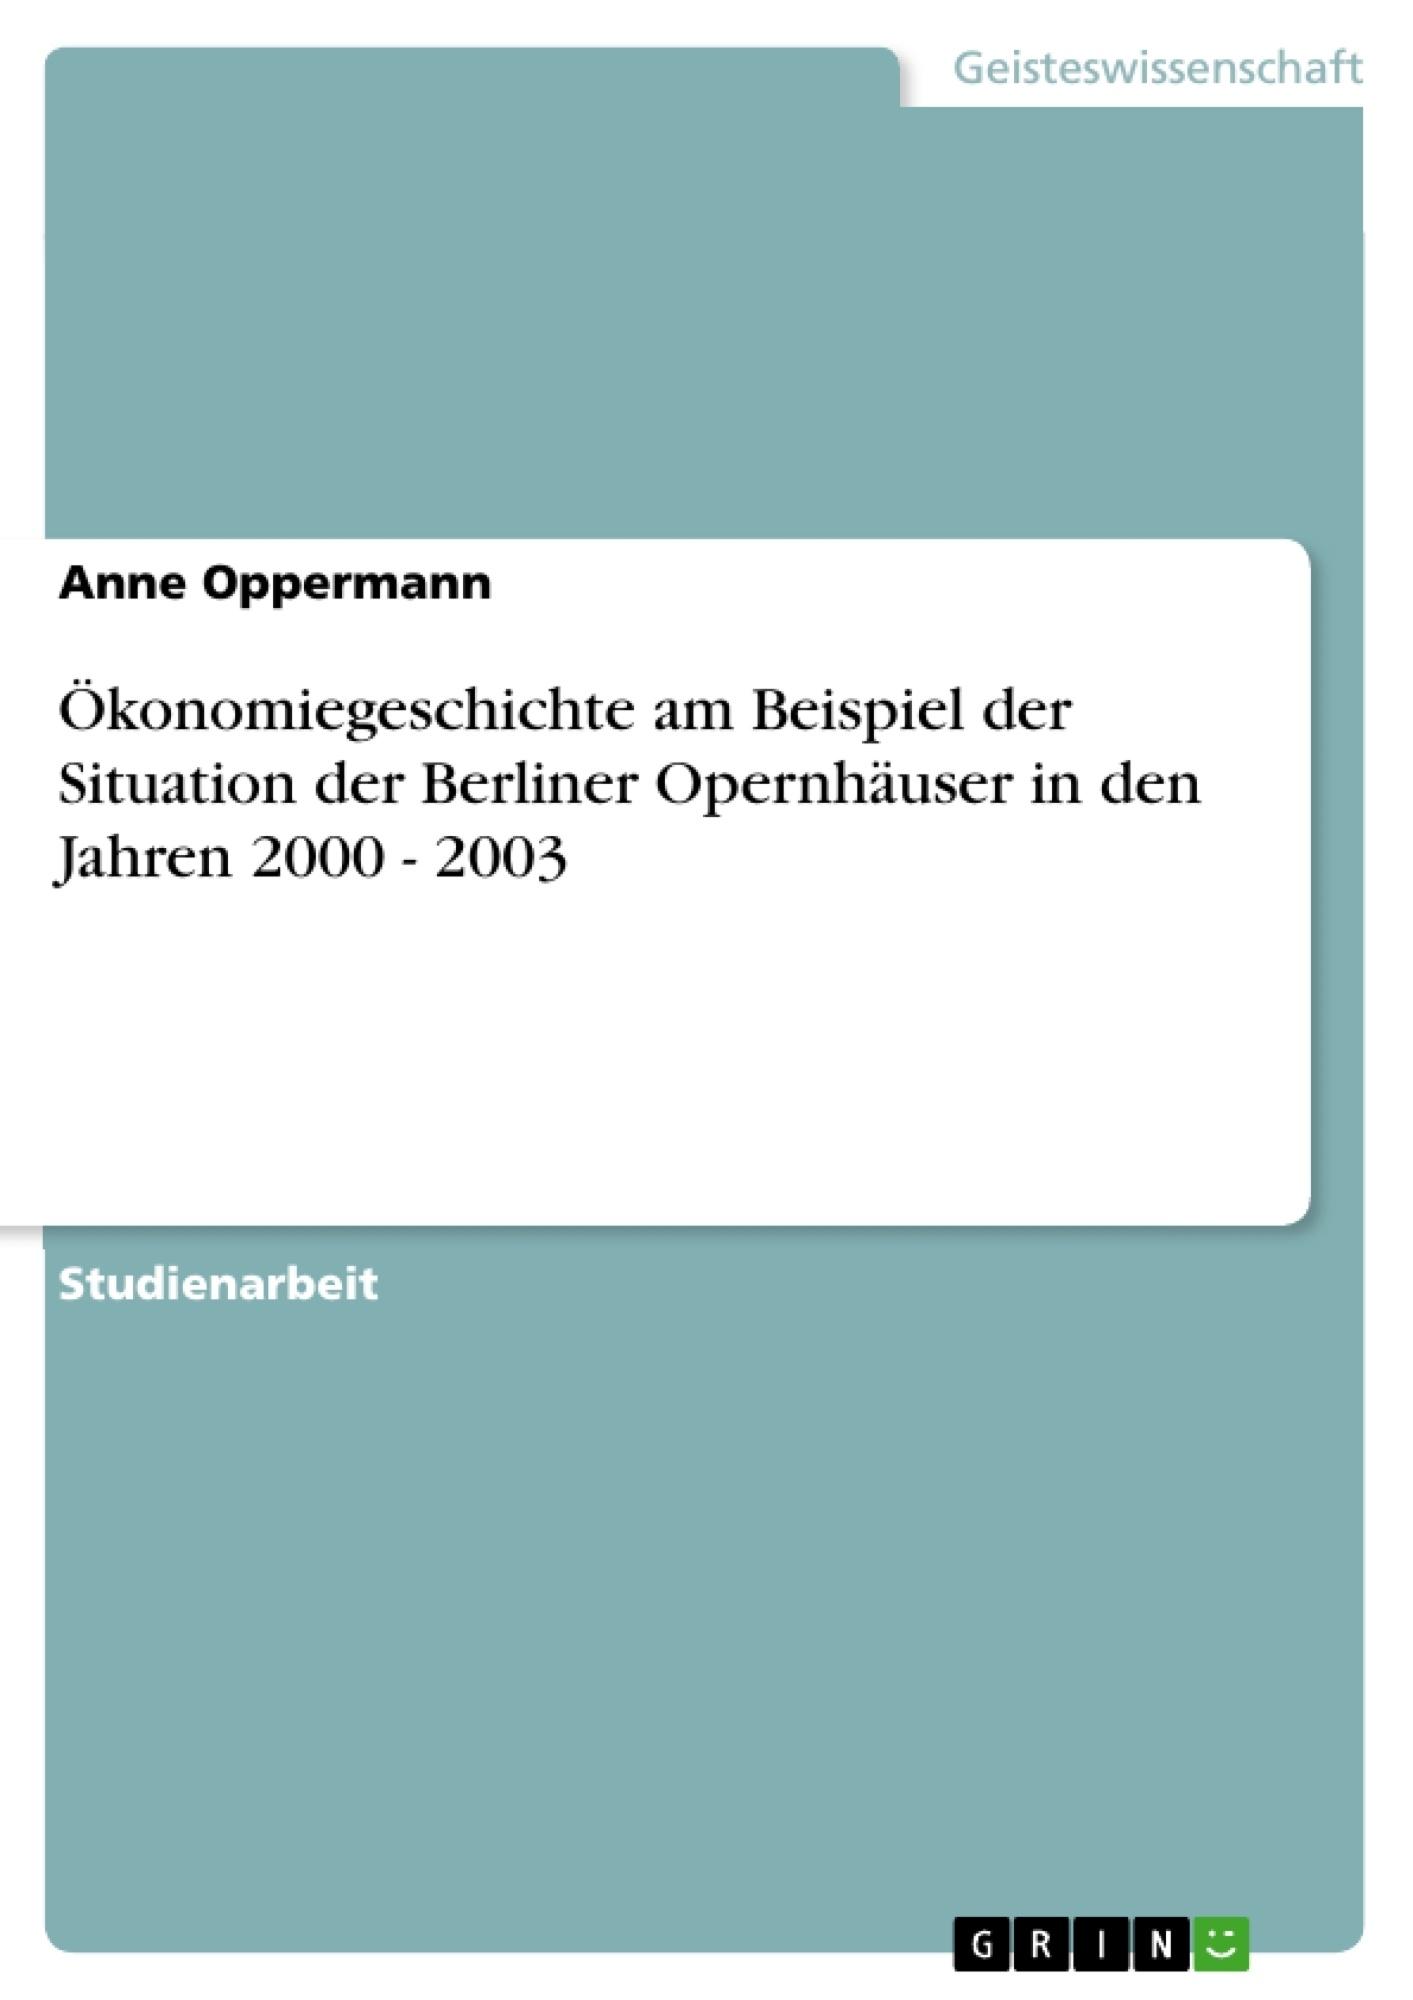 Titel: Ökonomiegeschichte am Beispiel der Situation der Berliner Opernhäuser in den Jahren 2000 - 2003